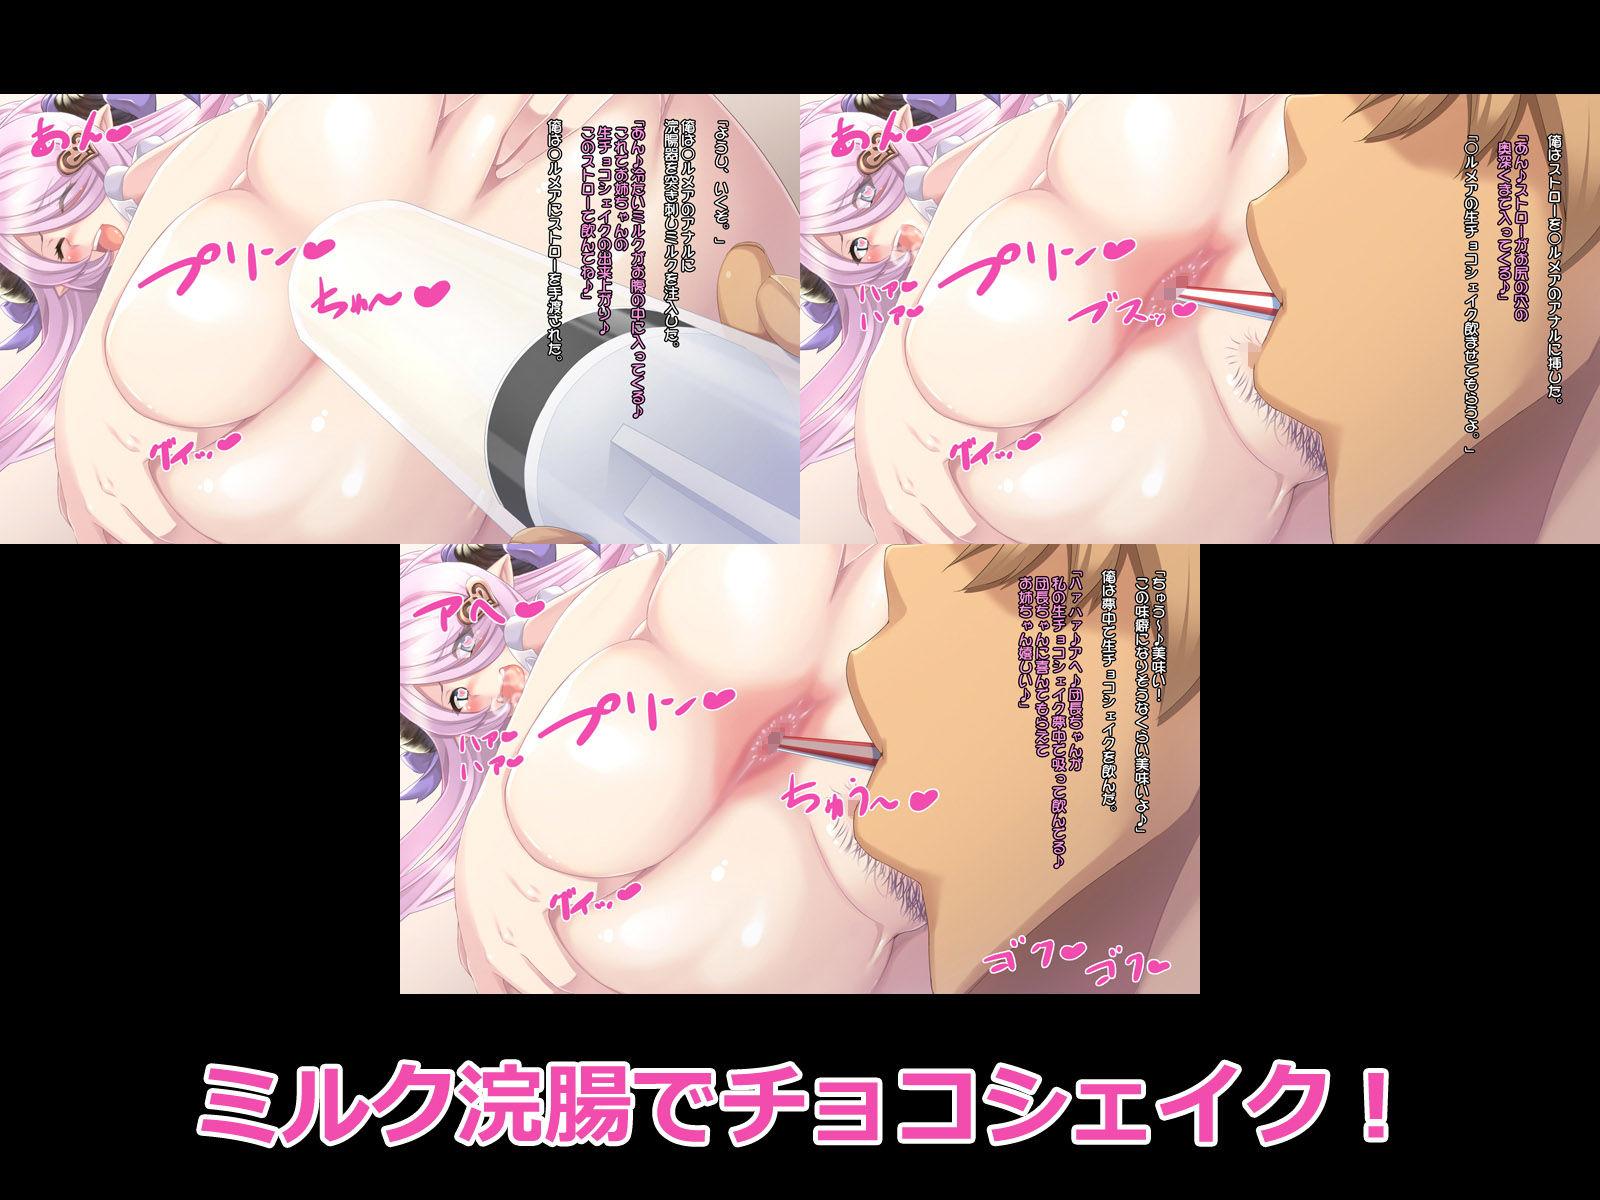 https://www.dmm.co.jp/dc/doujin/-/detail/=/cid=d_152379/